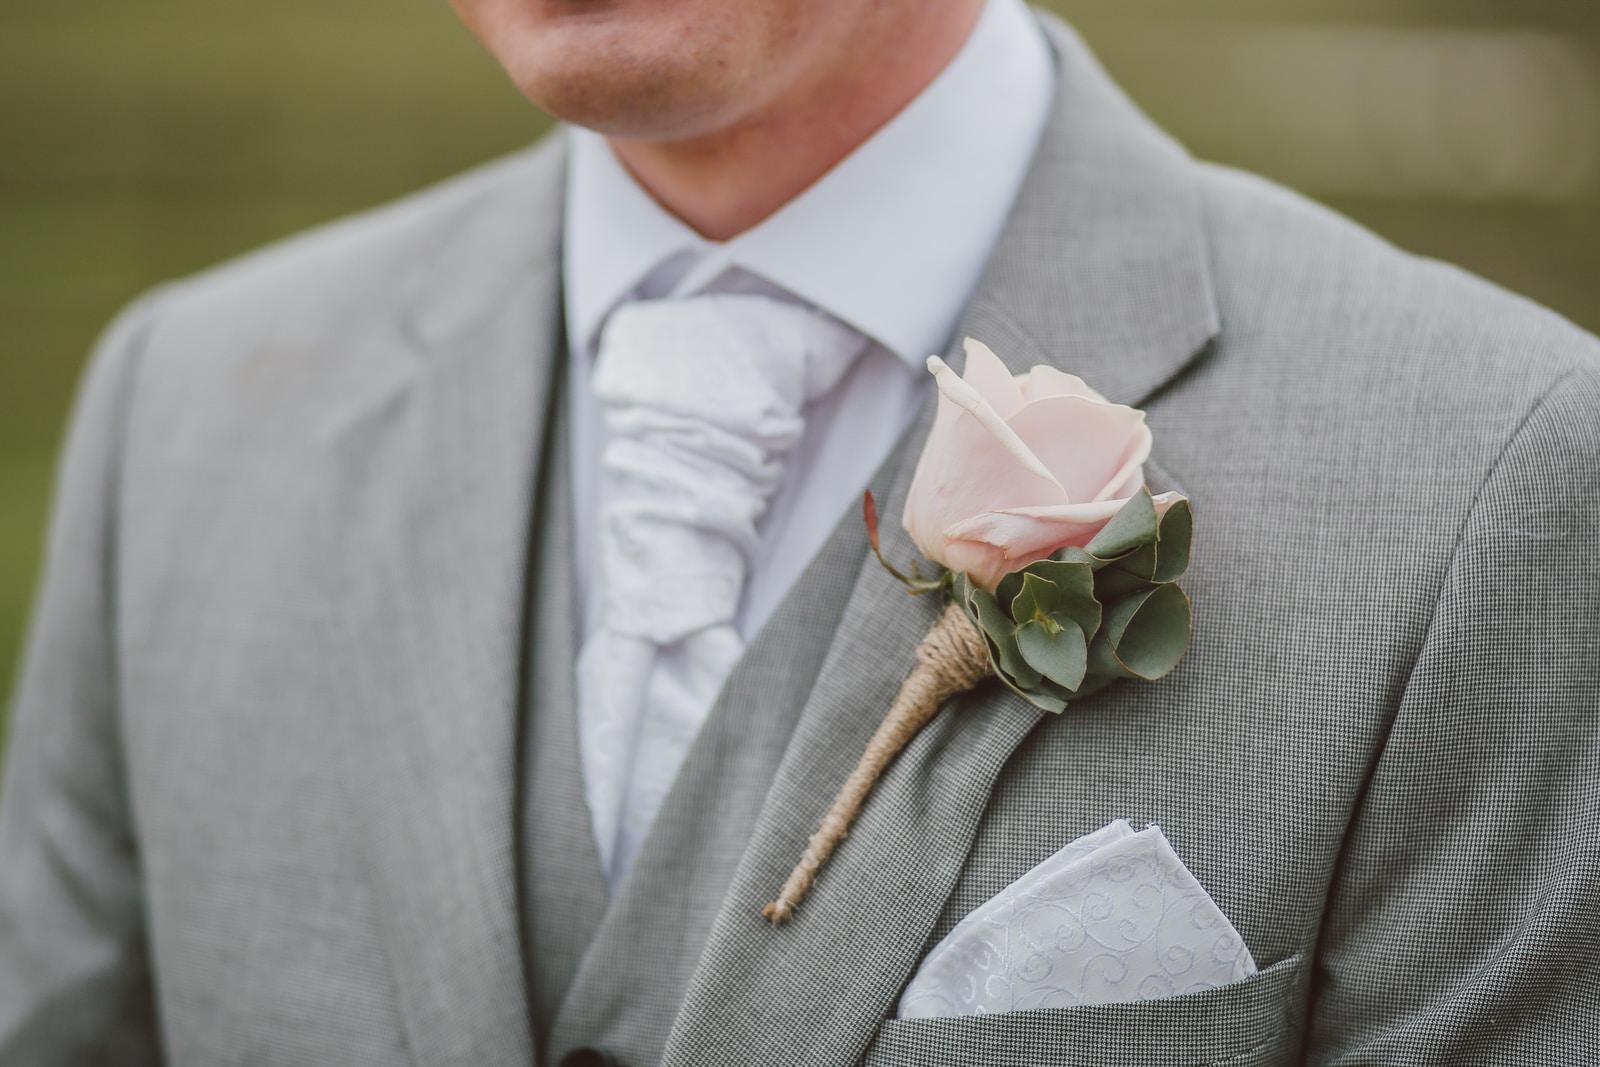 Γαμπριάτικη εμφάνιση για κάθε ύφος γάμου